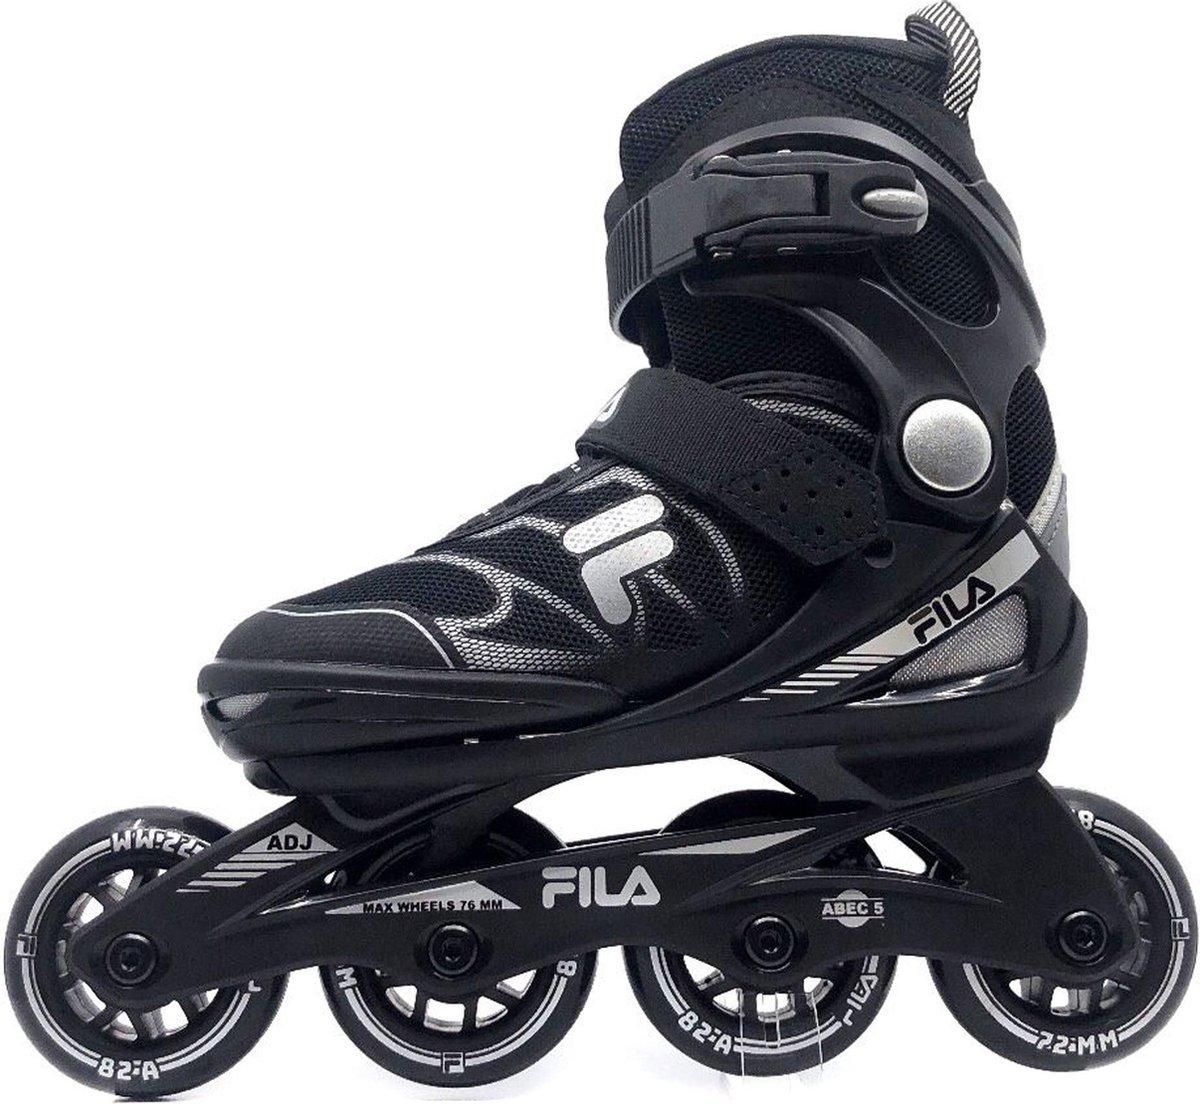 Fila J-One kinder inline skates 72 mm black, maat 32-36